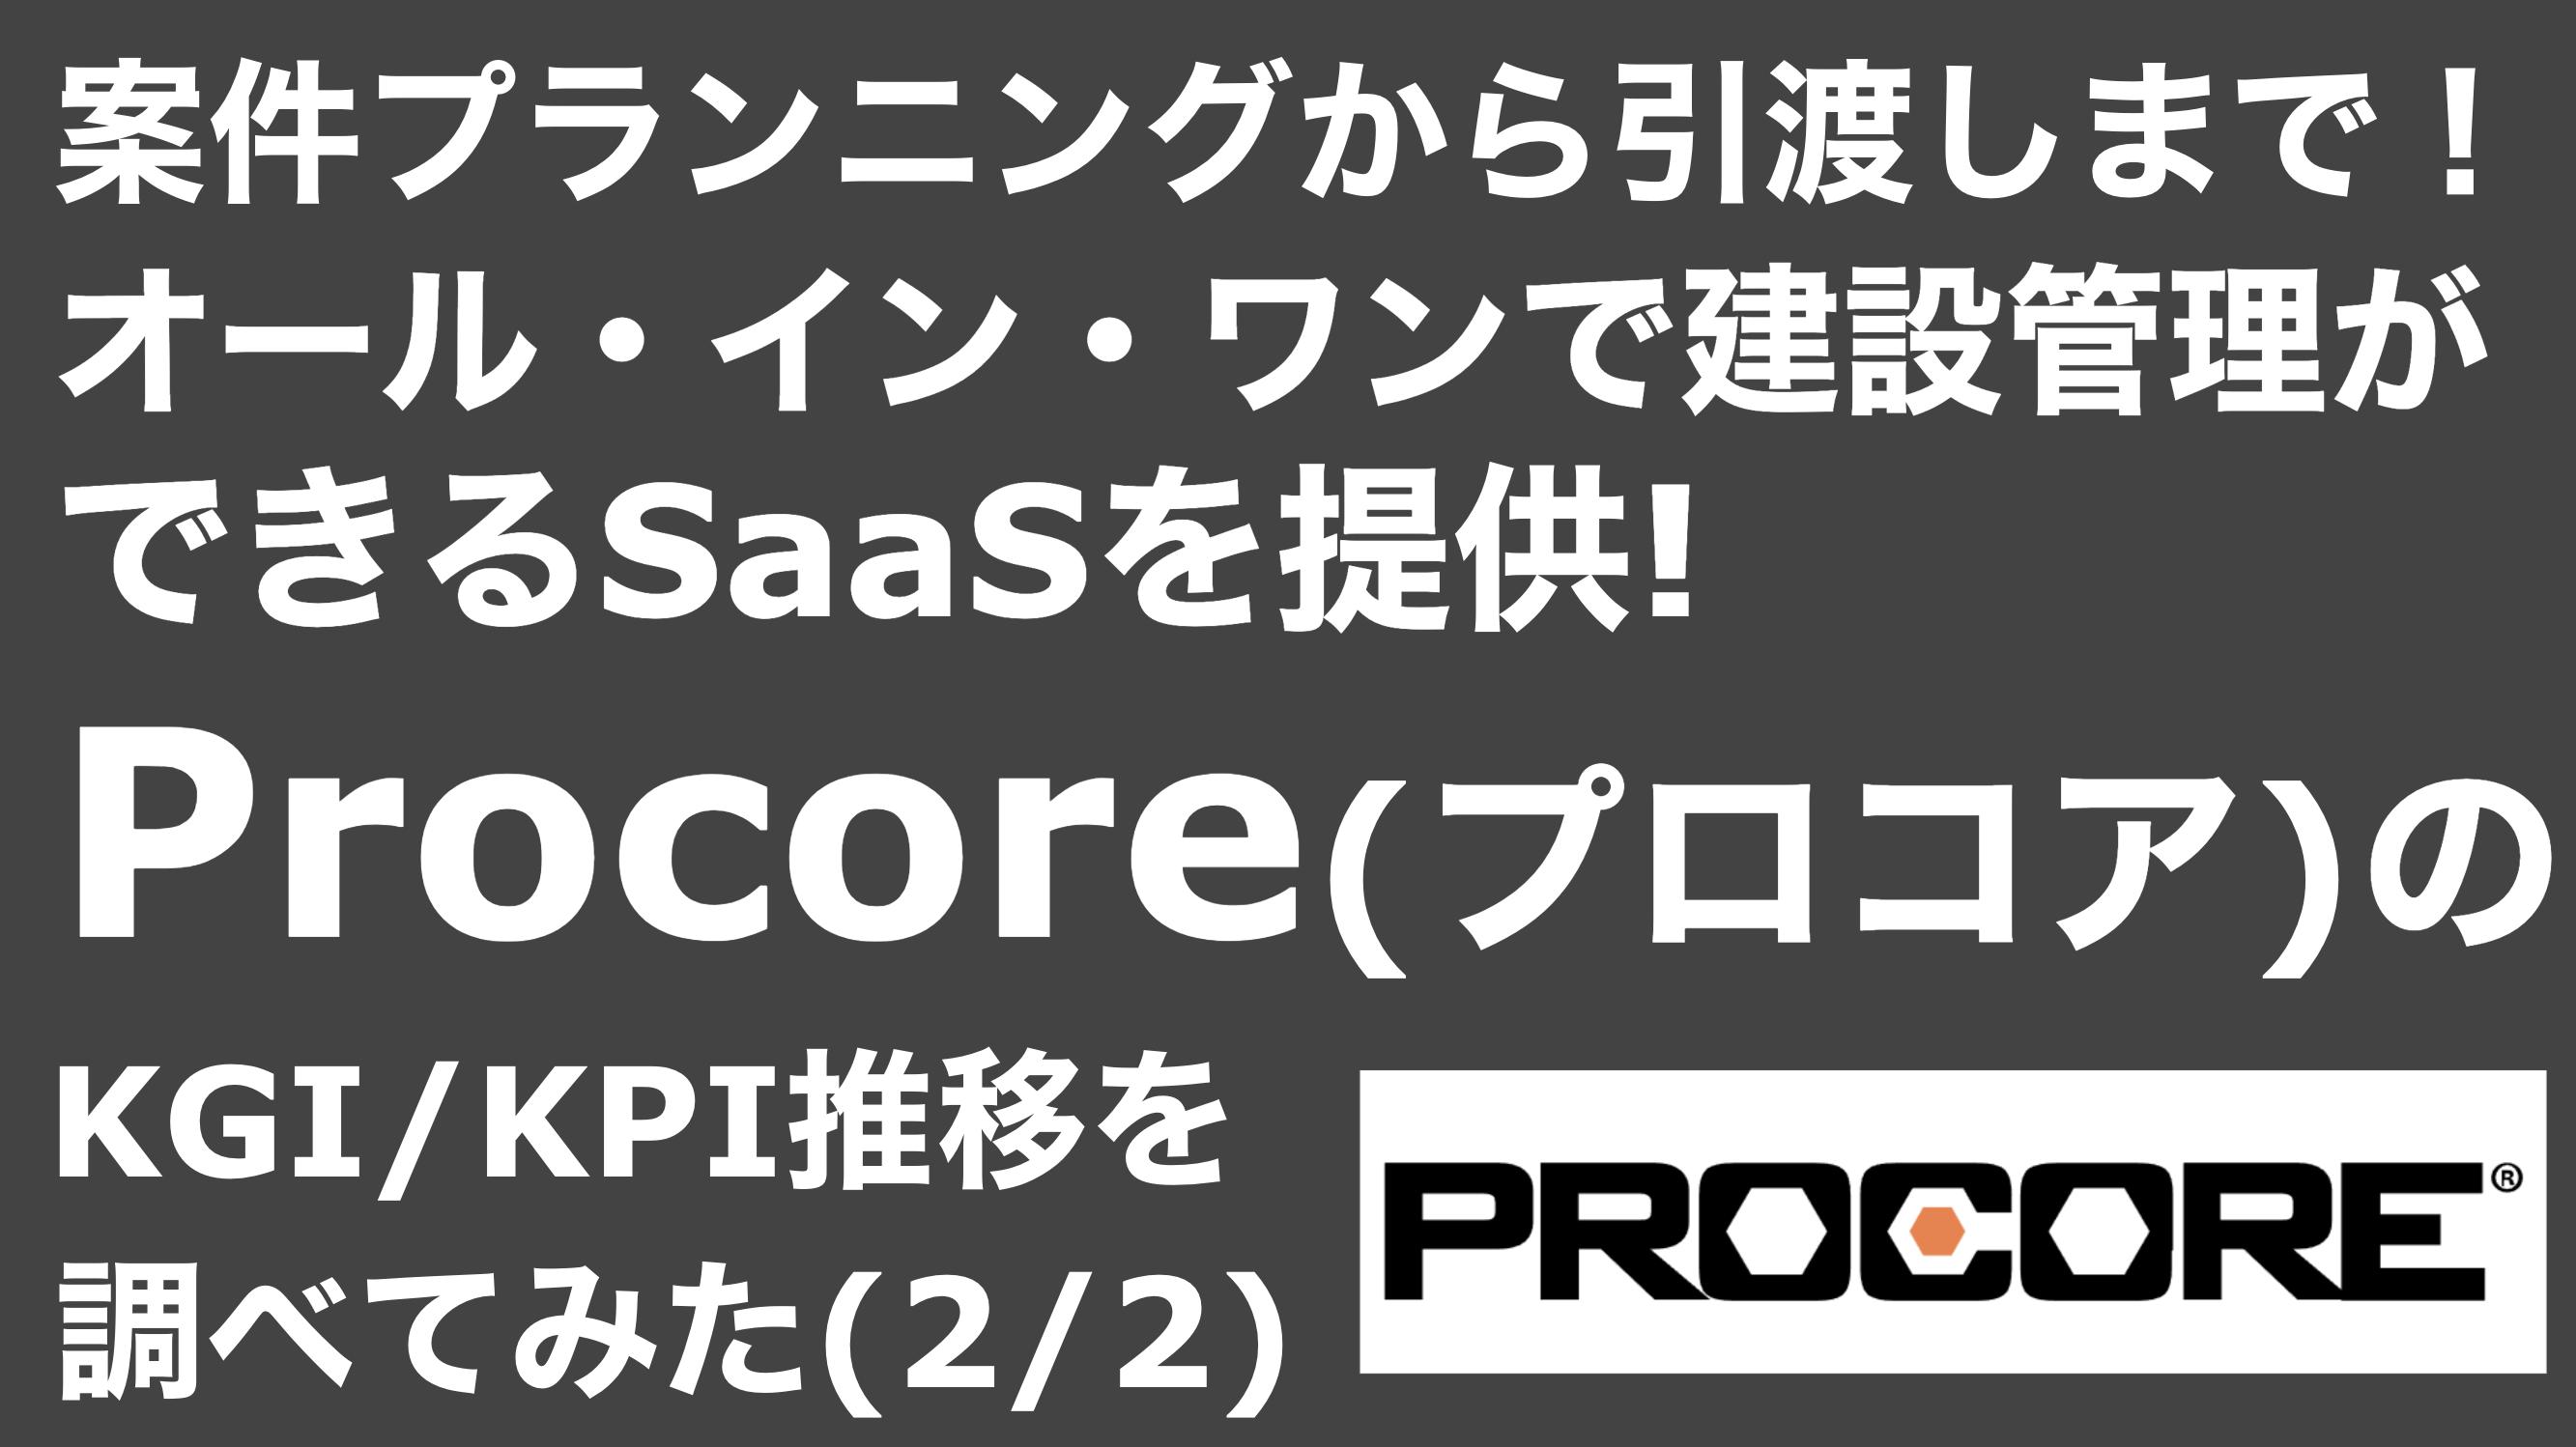 saaslife_ 案件プランニングから引渡しまで!オール・イン・ワンで建設管理ができるSaaSを提供!Procore(プロコア)のKGI/KPI推移を調べてみた(2/2)